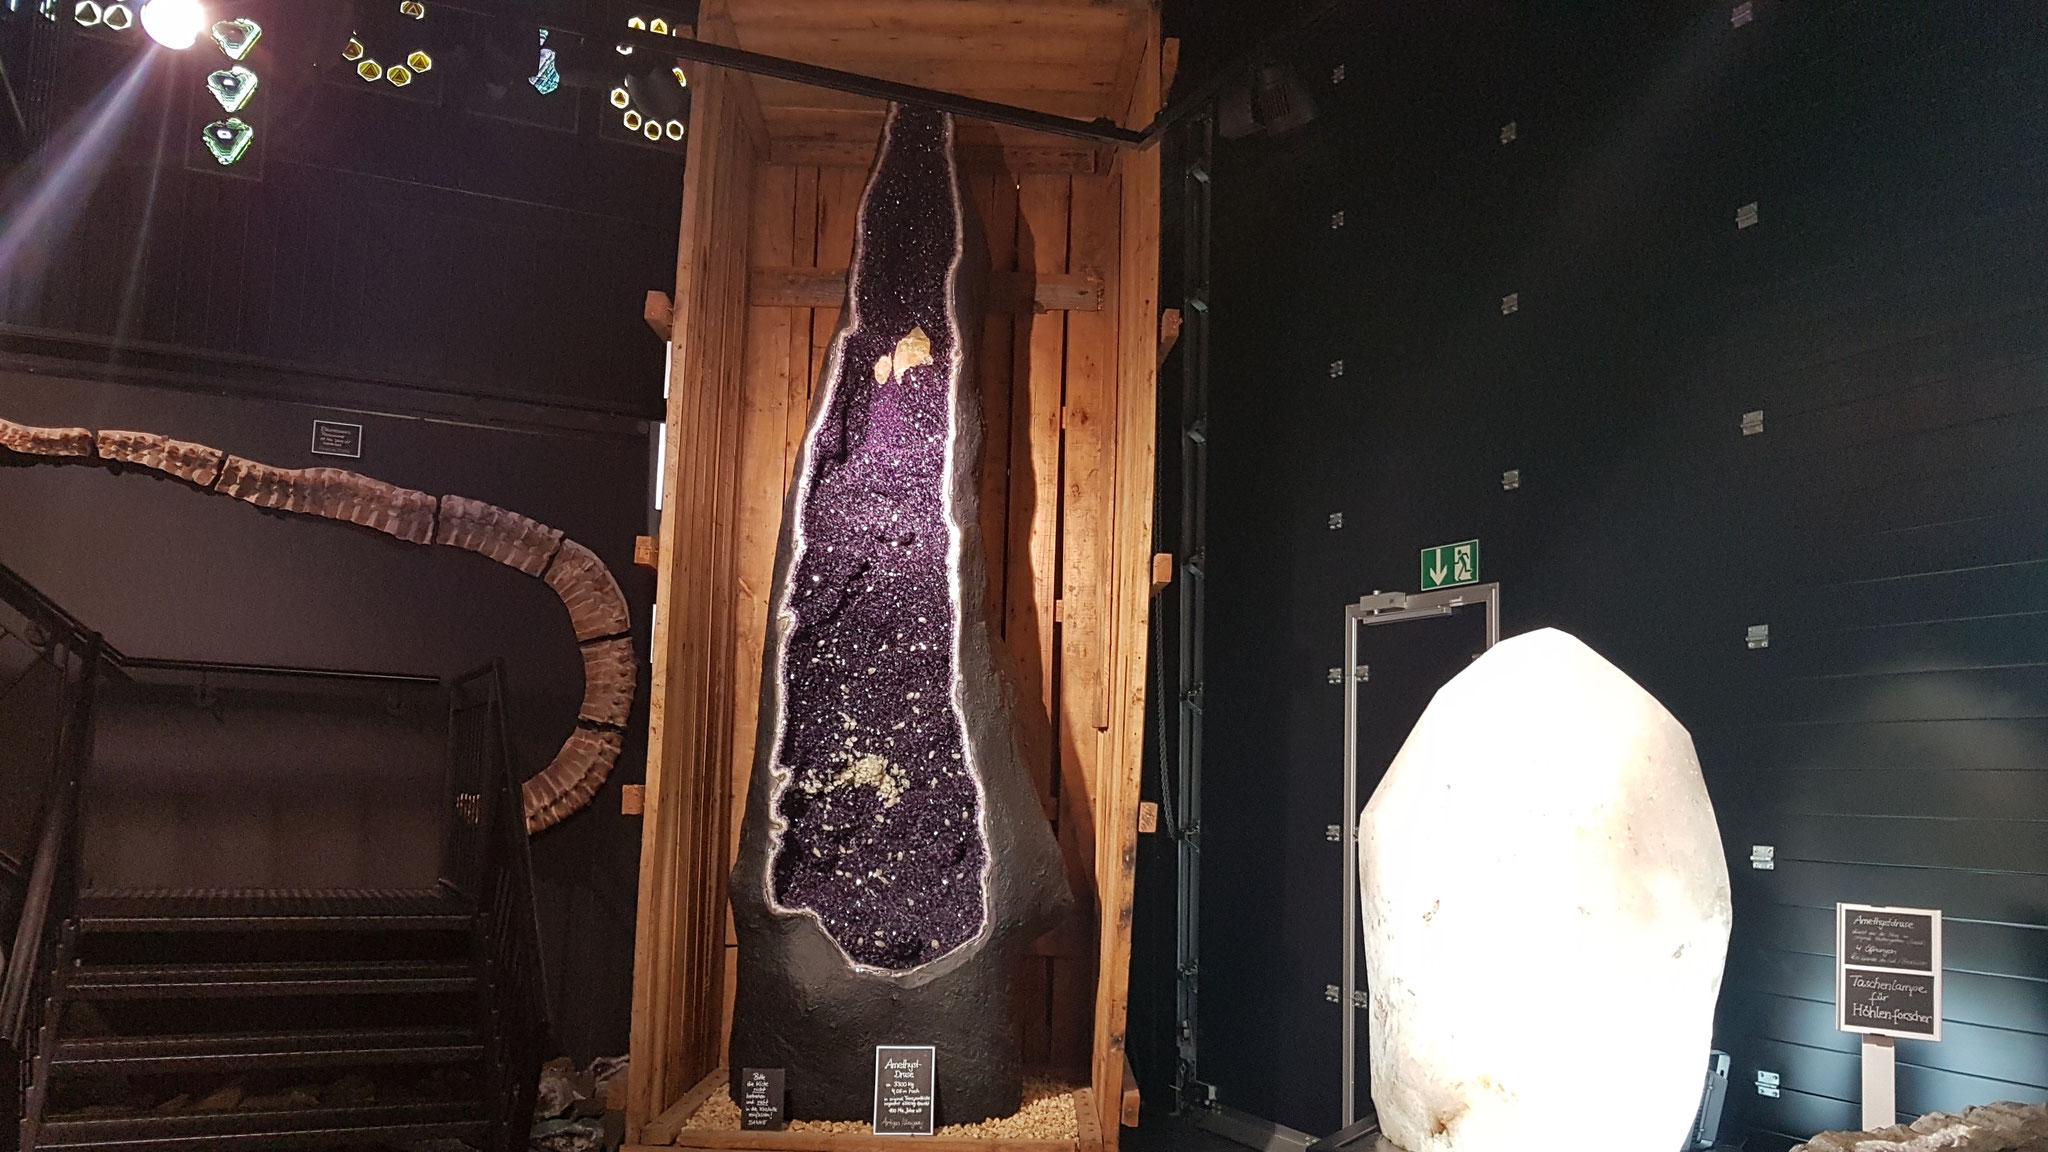 Die weltweit grösse Amethyst-Druse